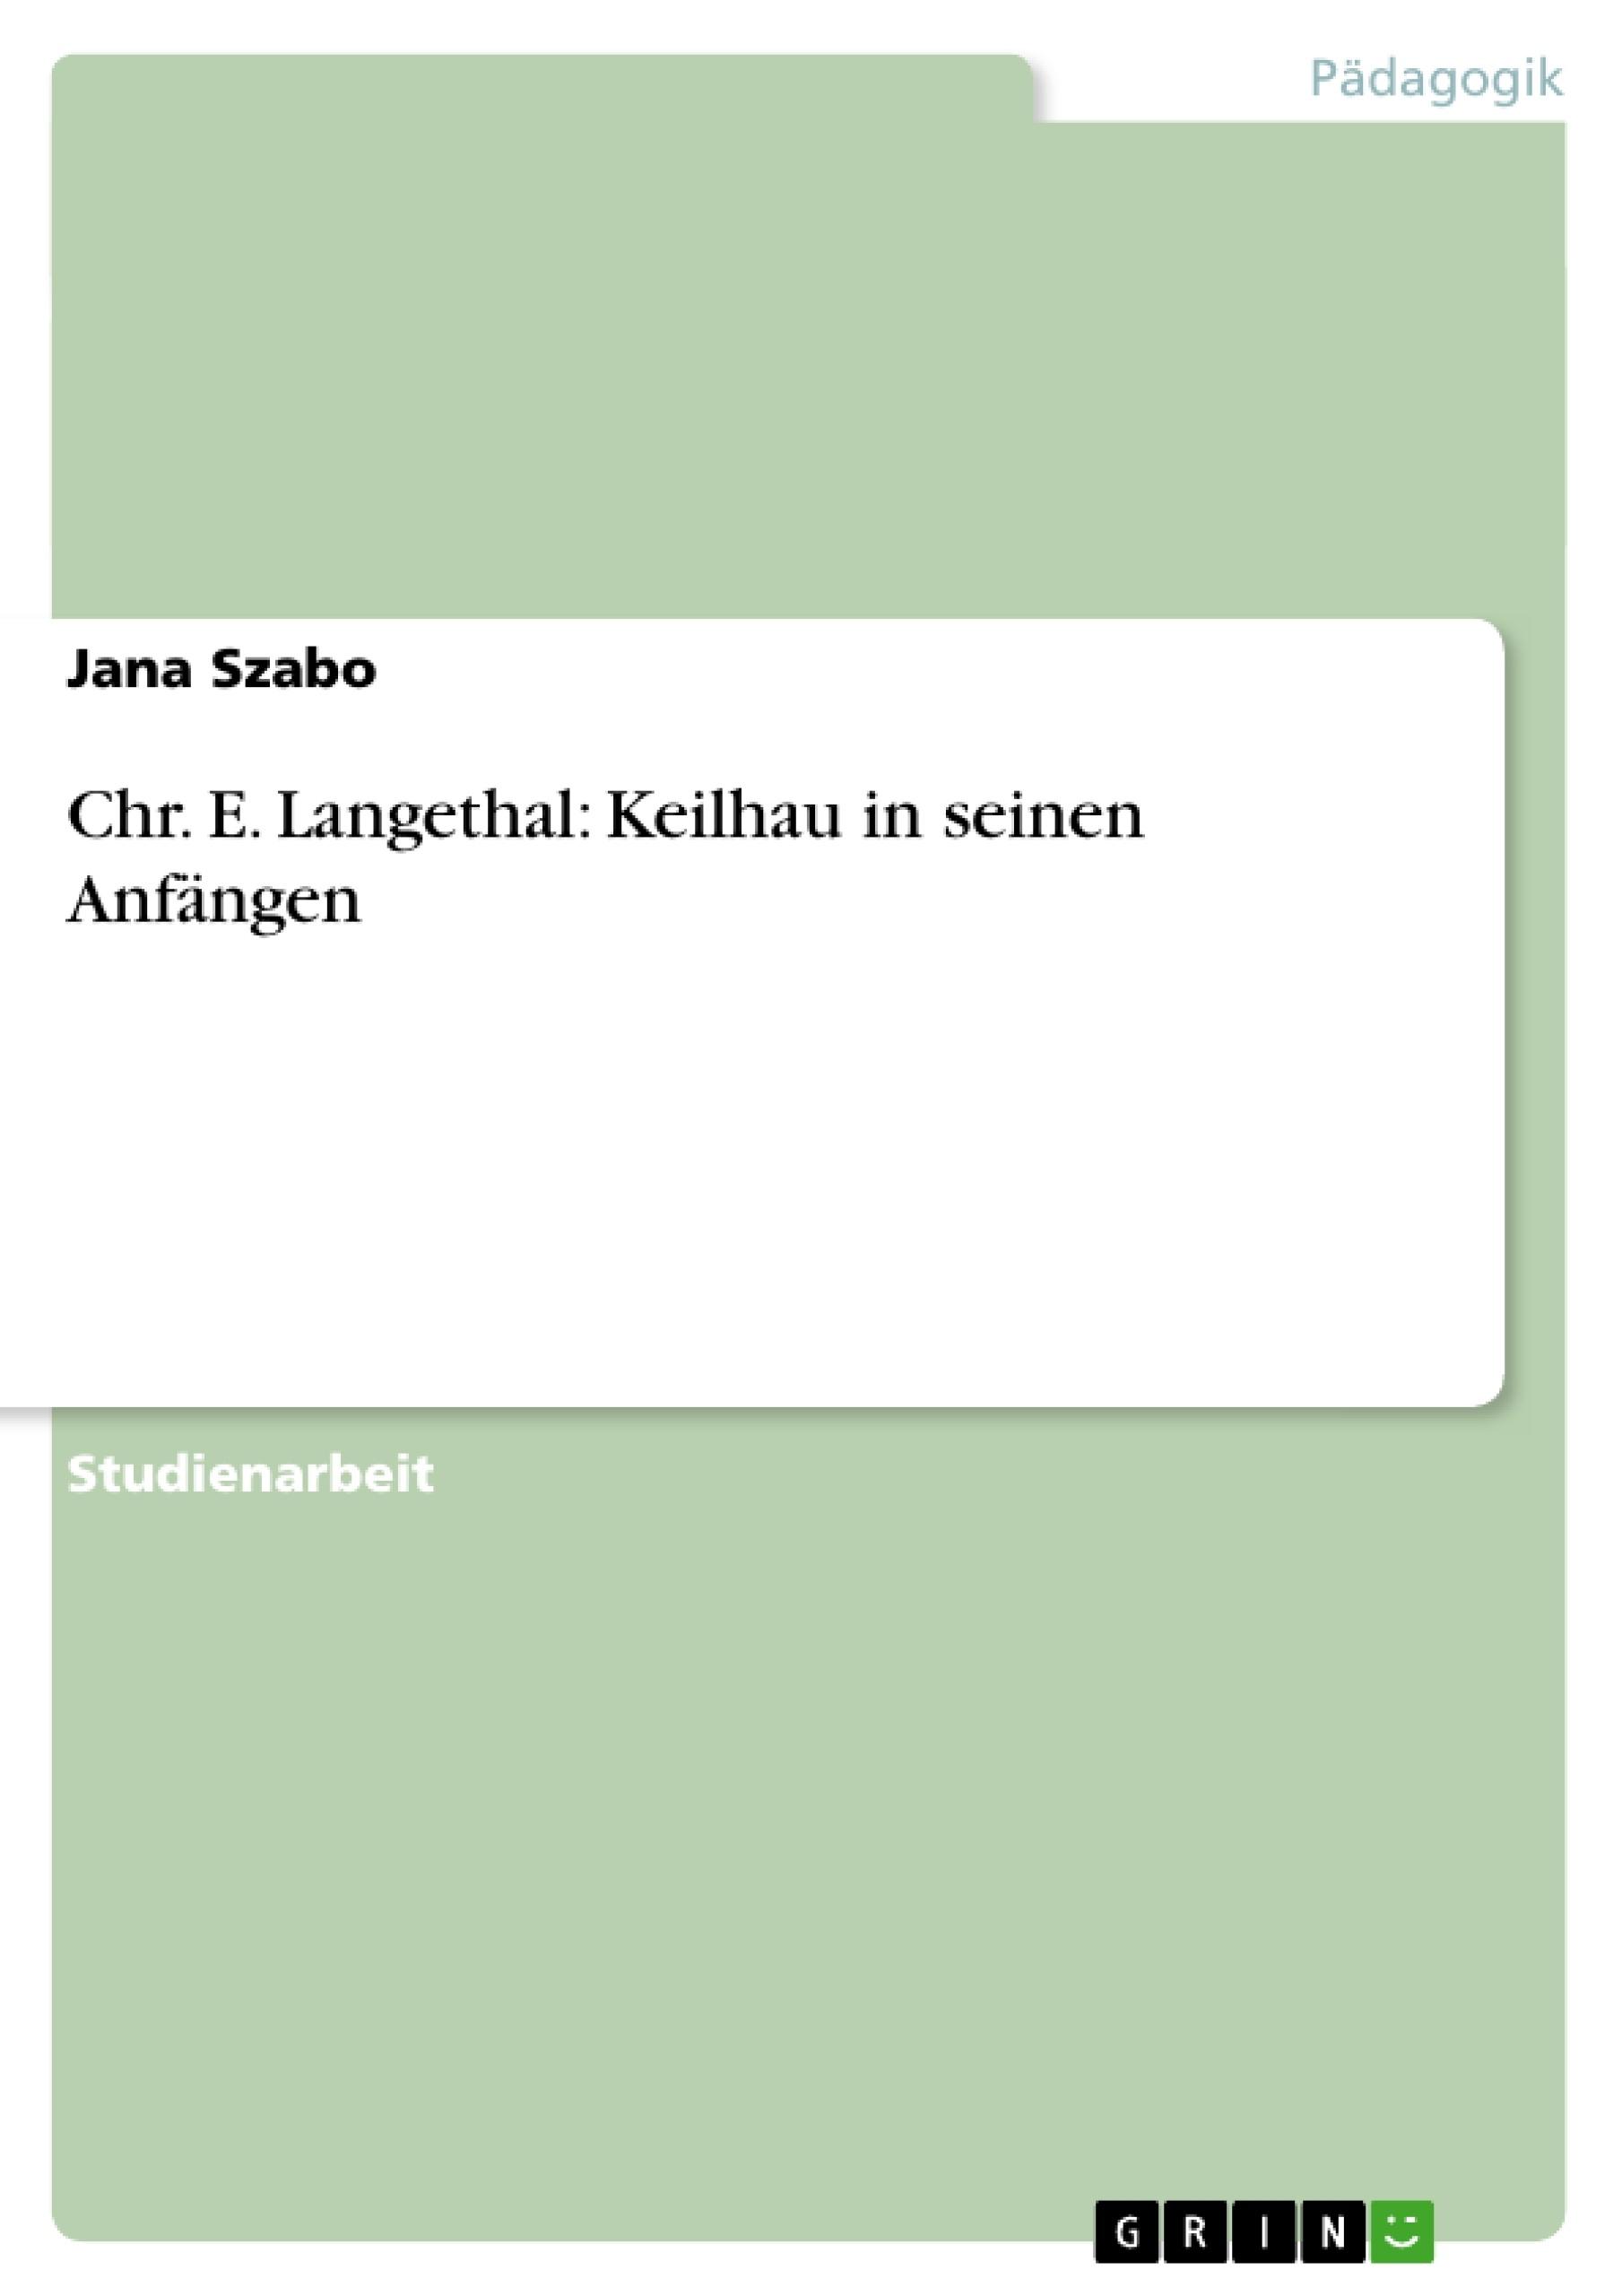 Titel: Chr. E. Langethal: Keilhau in seinen Anfängen